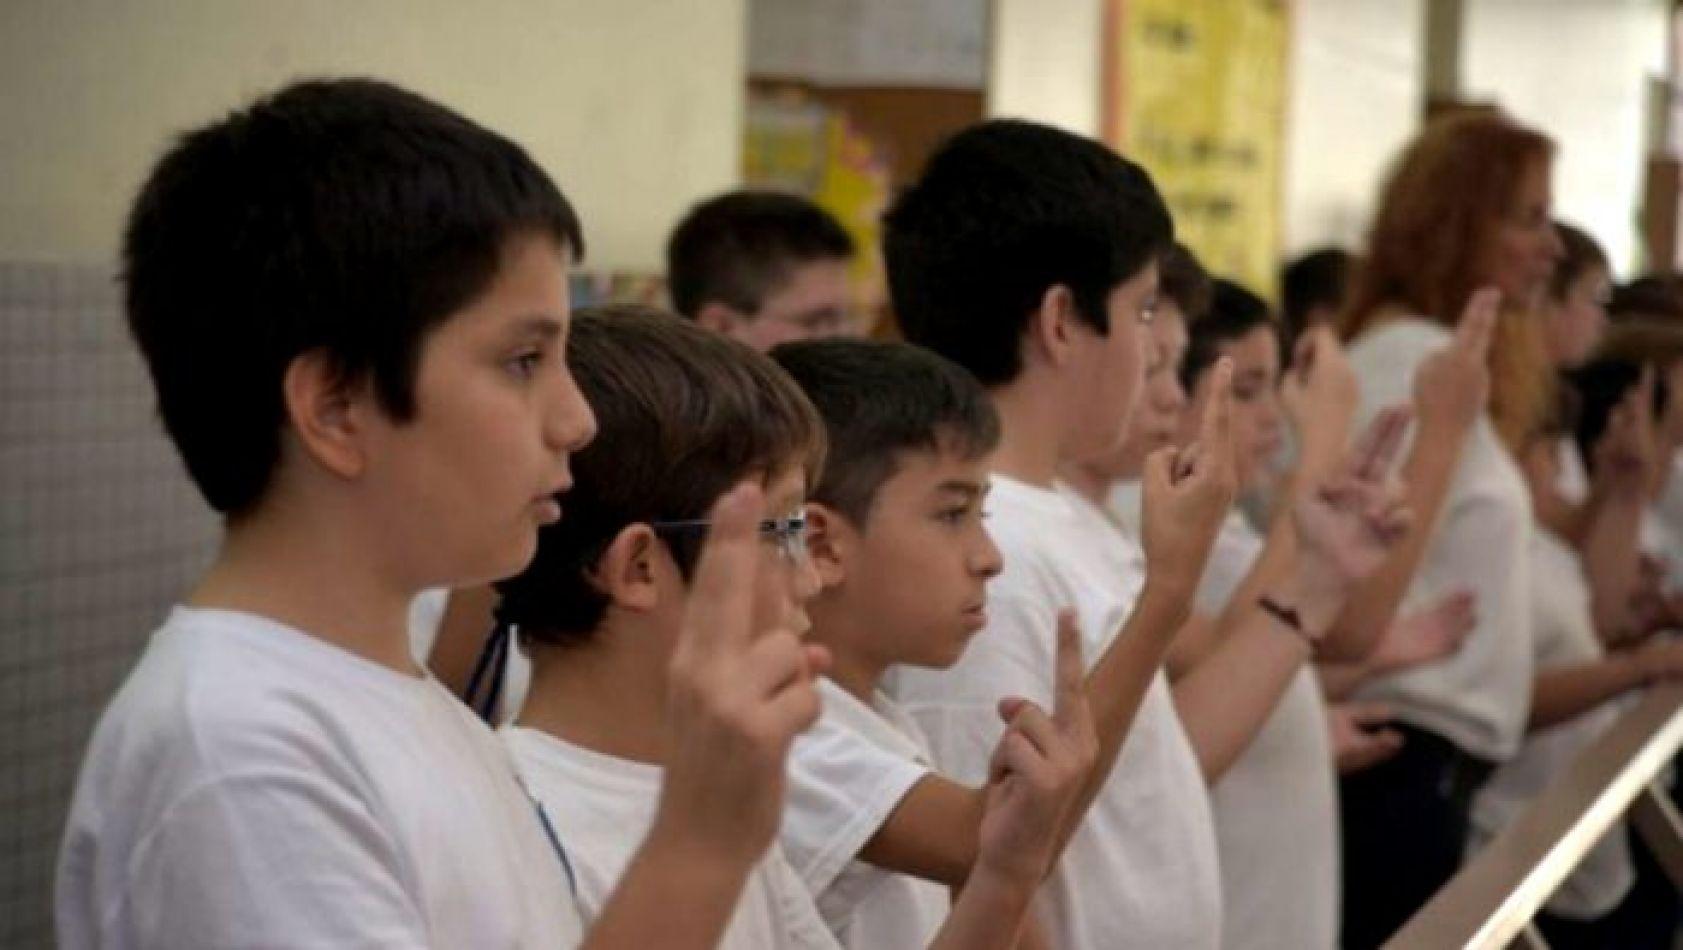 lengua de senas - Capacitación inclusiva sobre el Himno Nacional